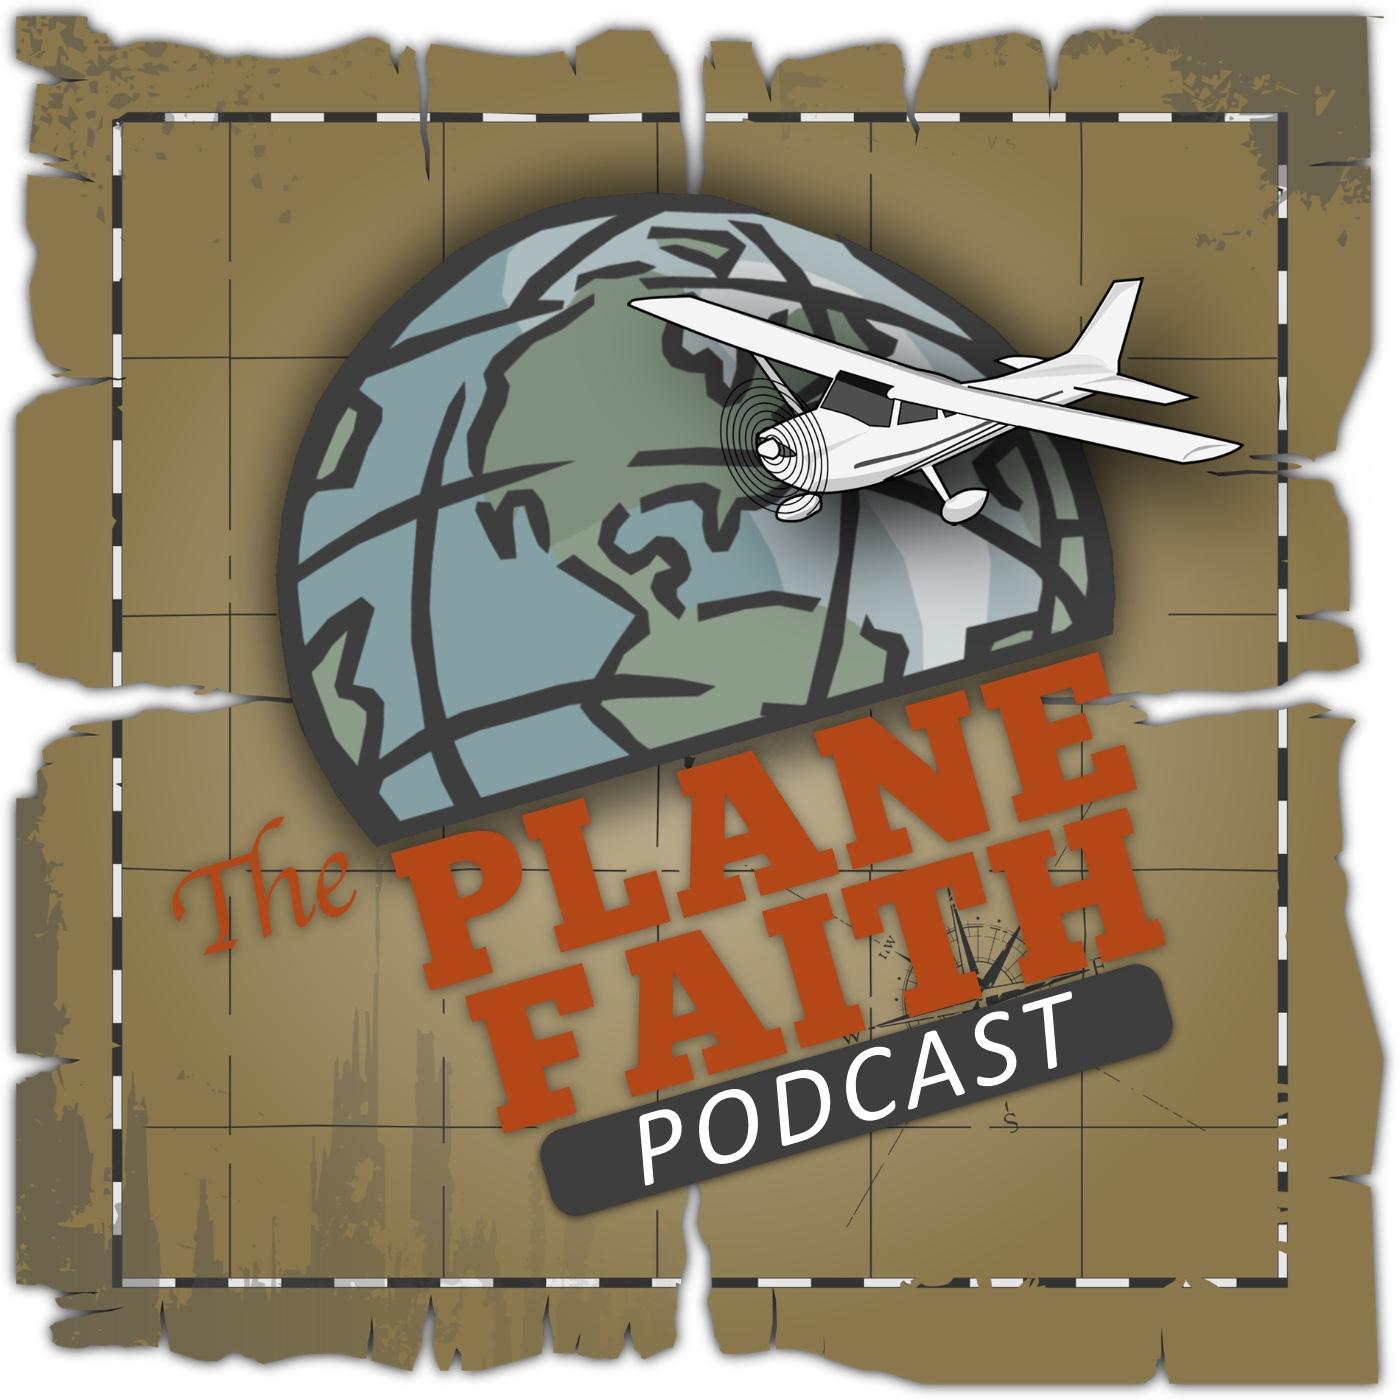 The Plane Faith Podcast show art